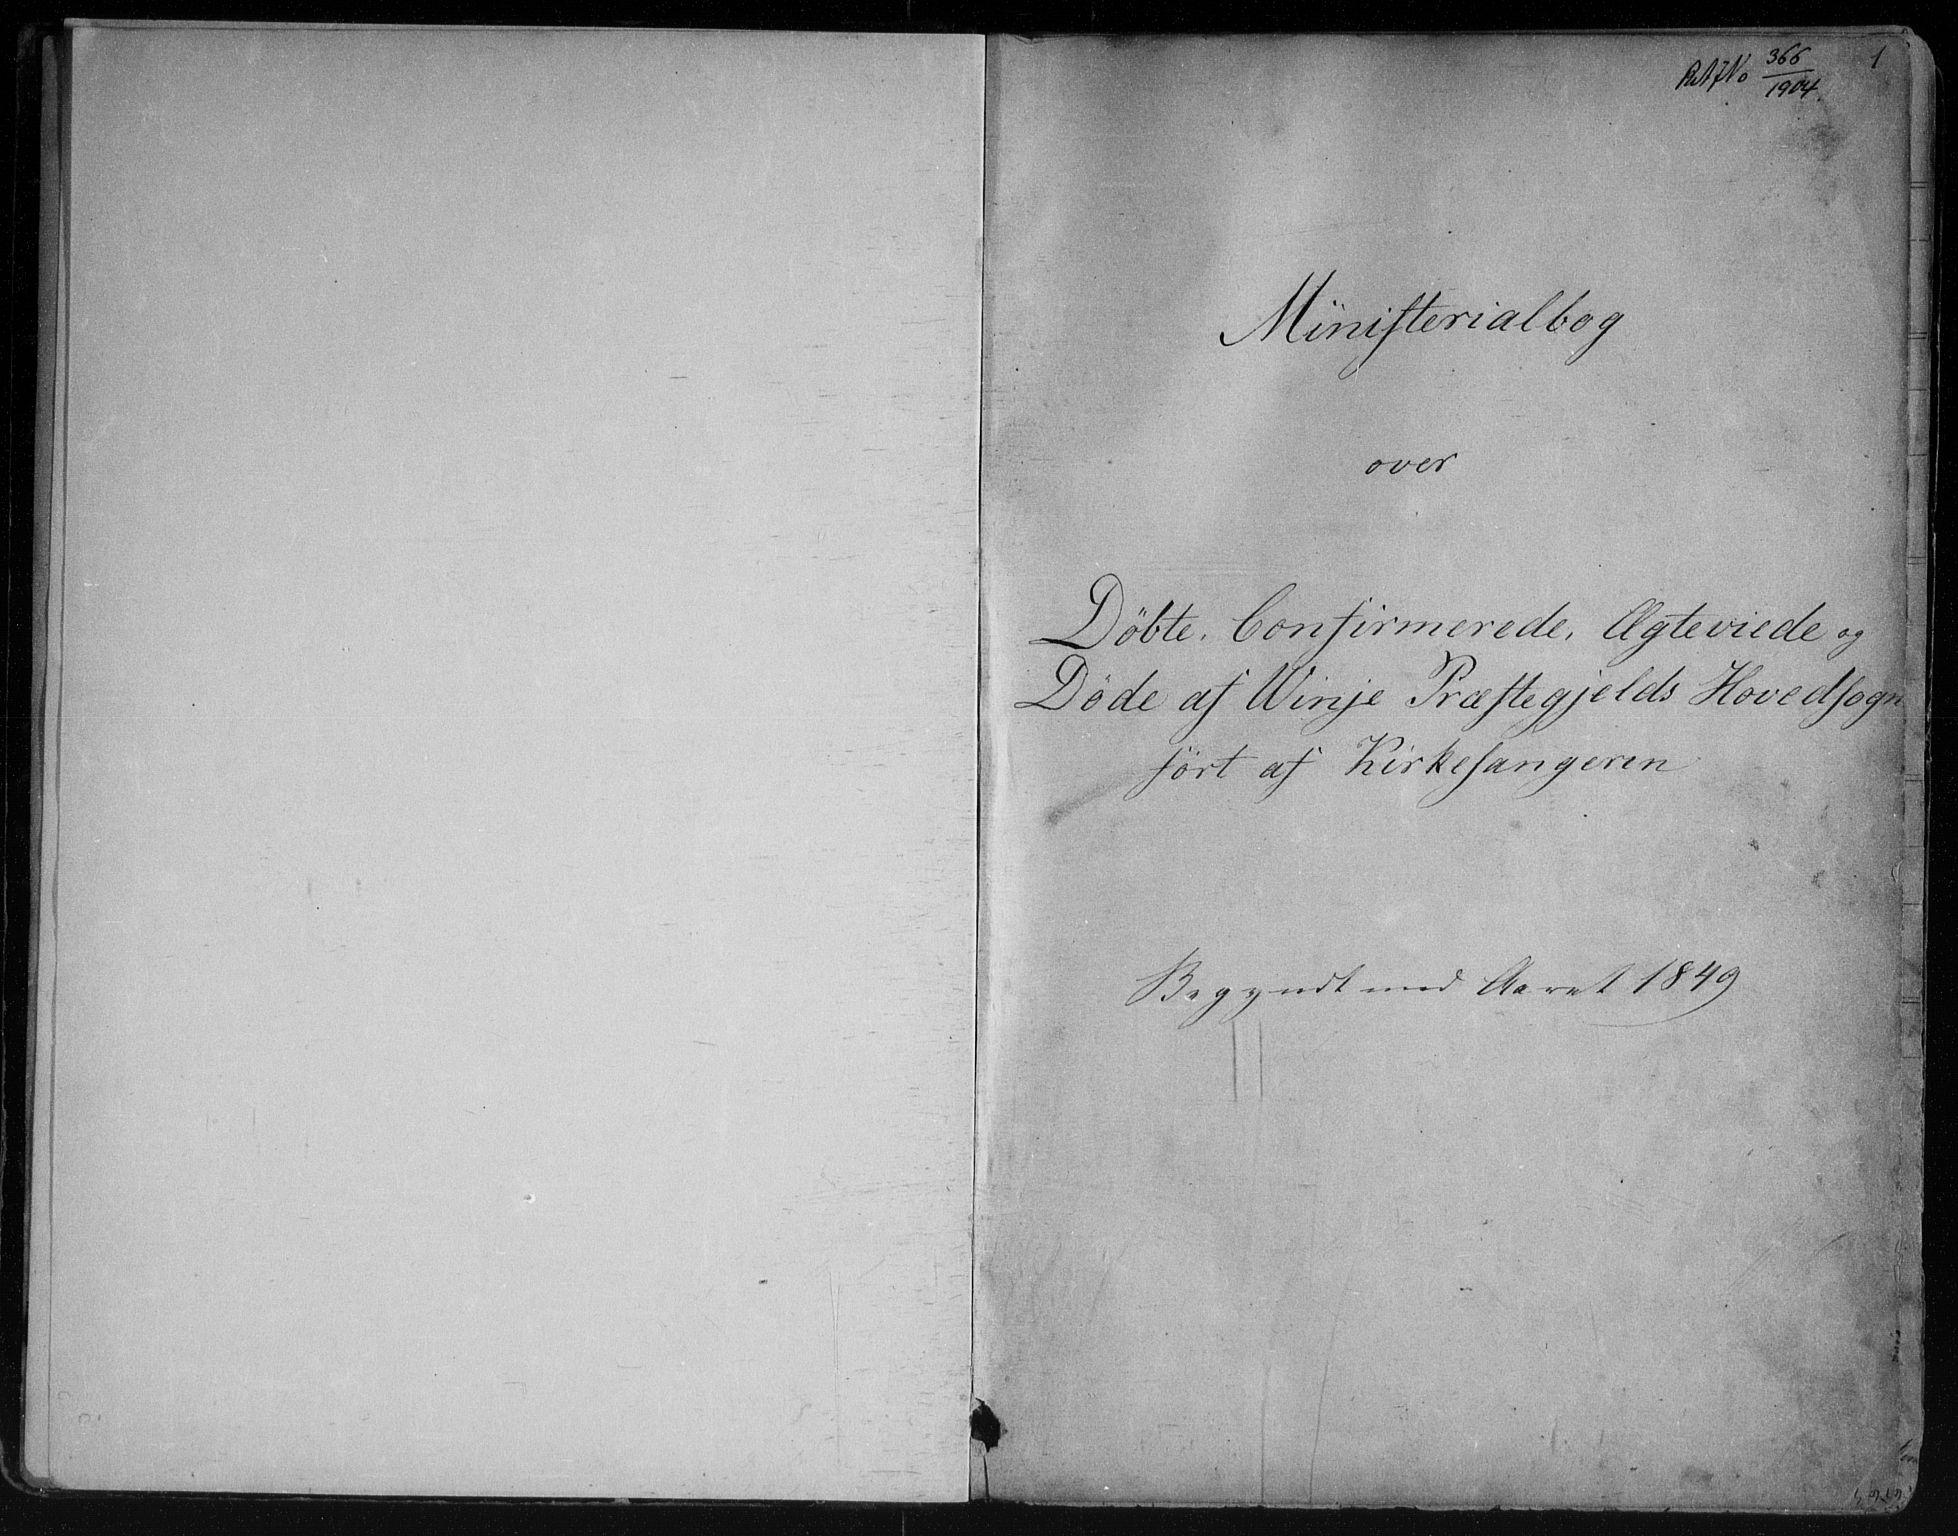 SAKO, Vinje kirkebøker, G/Ga/L0002: Klokkerbok nr. I 2, 1849-1893, s. 1